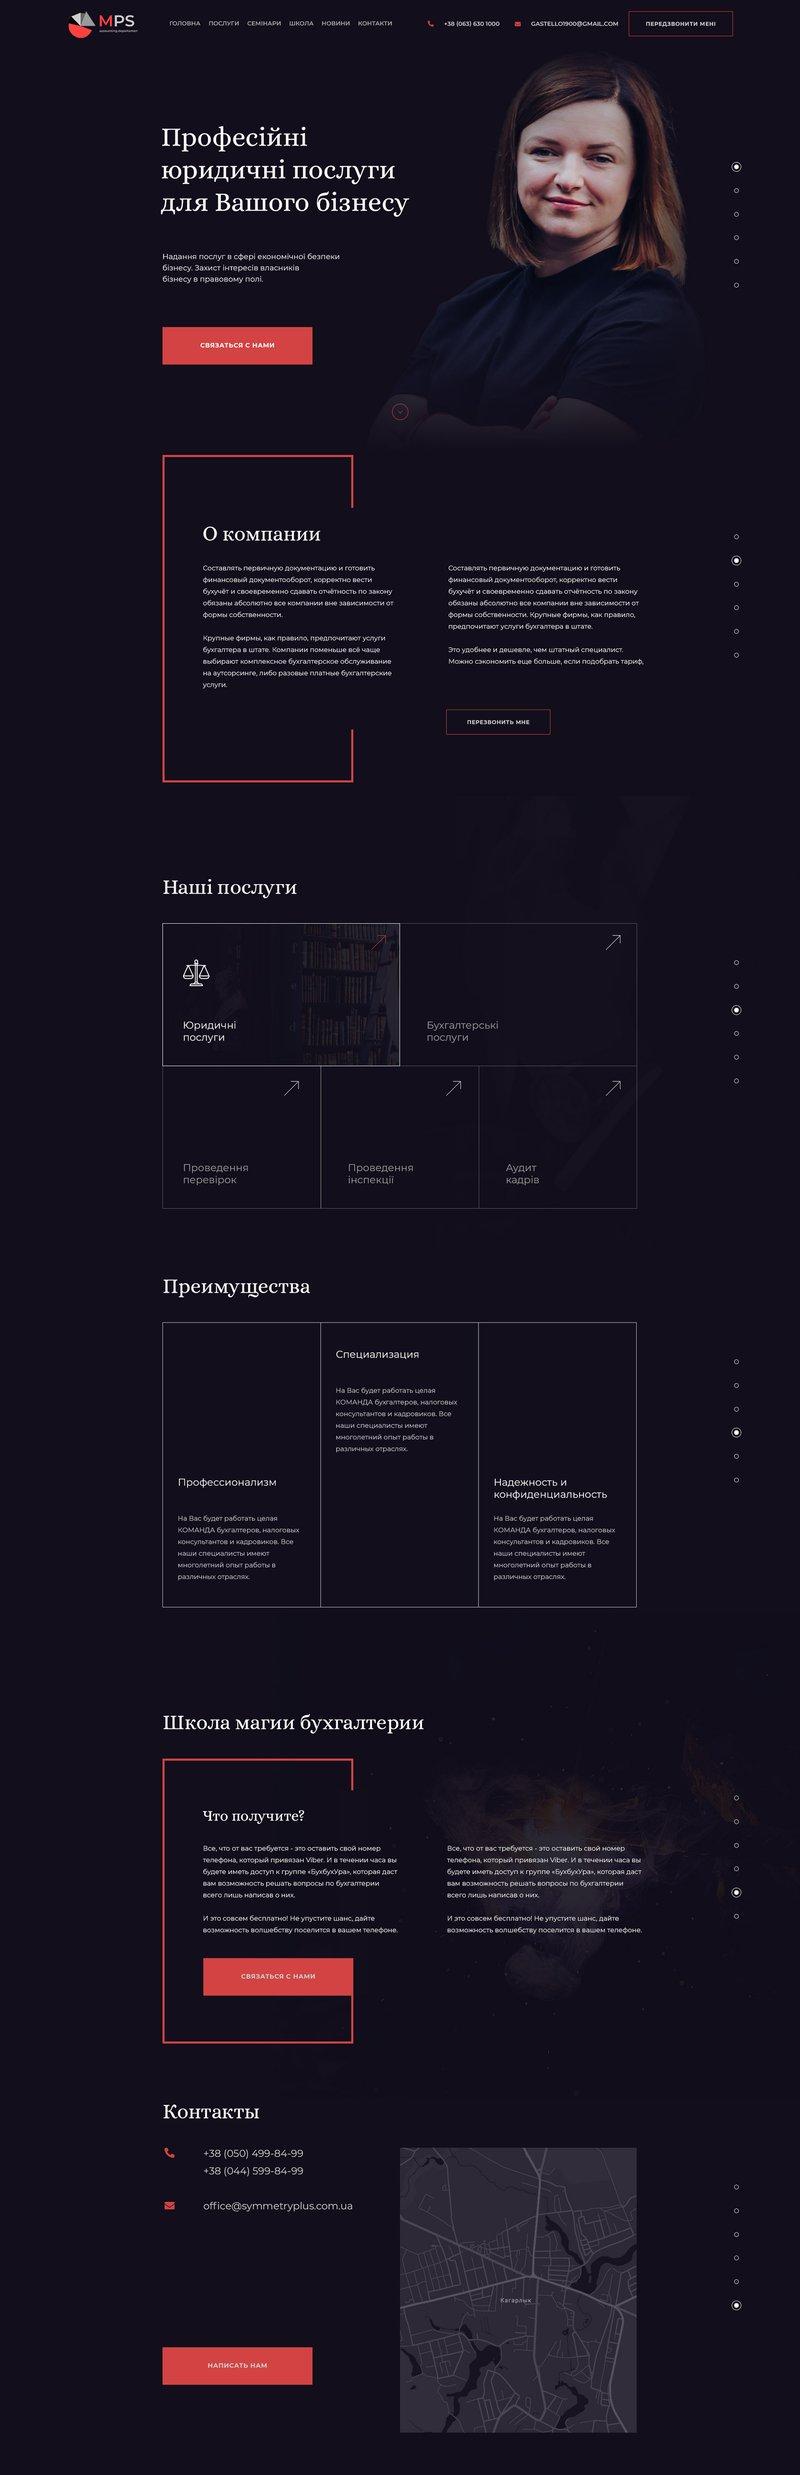 Дизайн сайта для юридической компании – работа в портфолио фрилансера